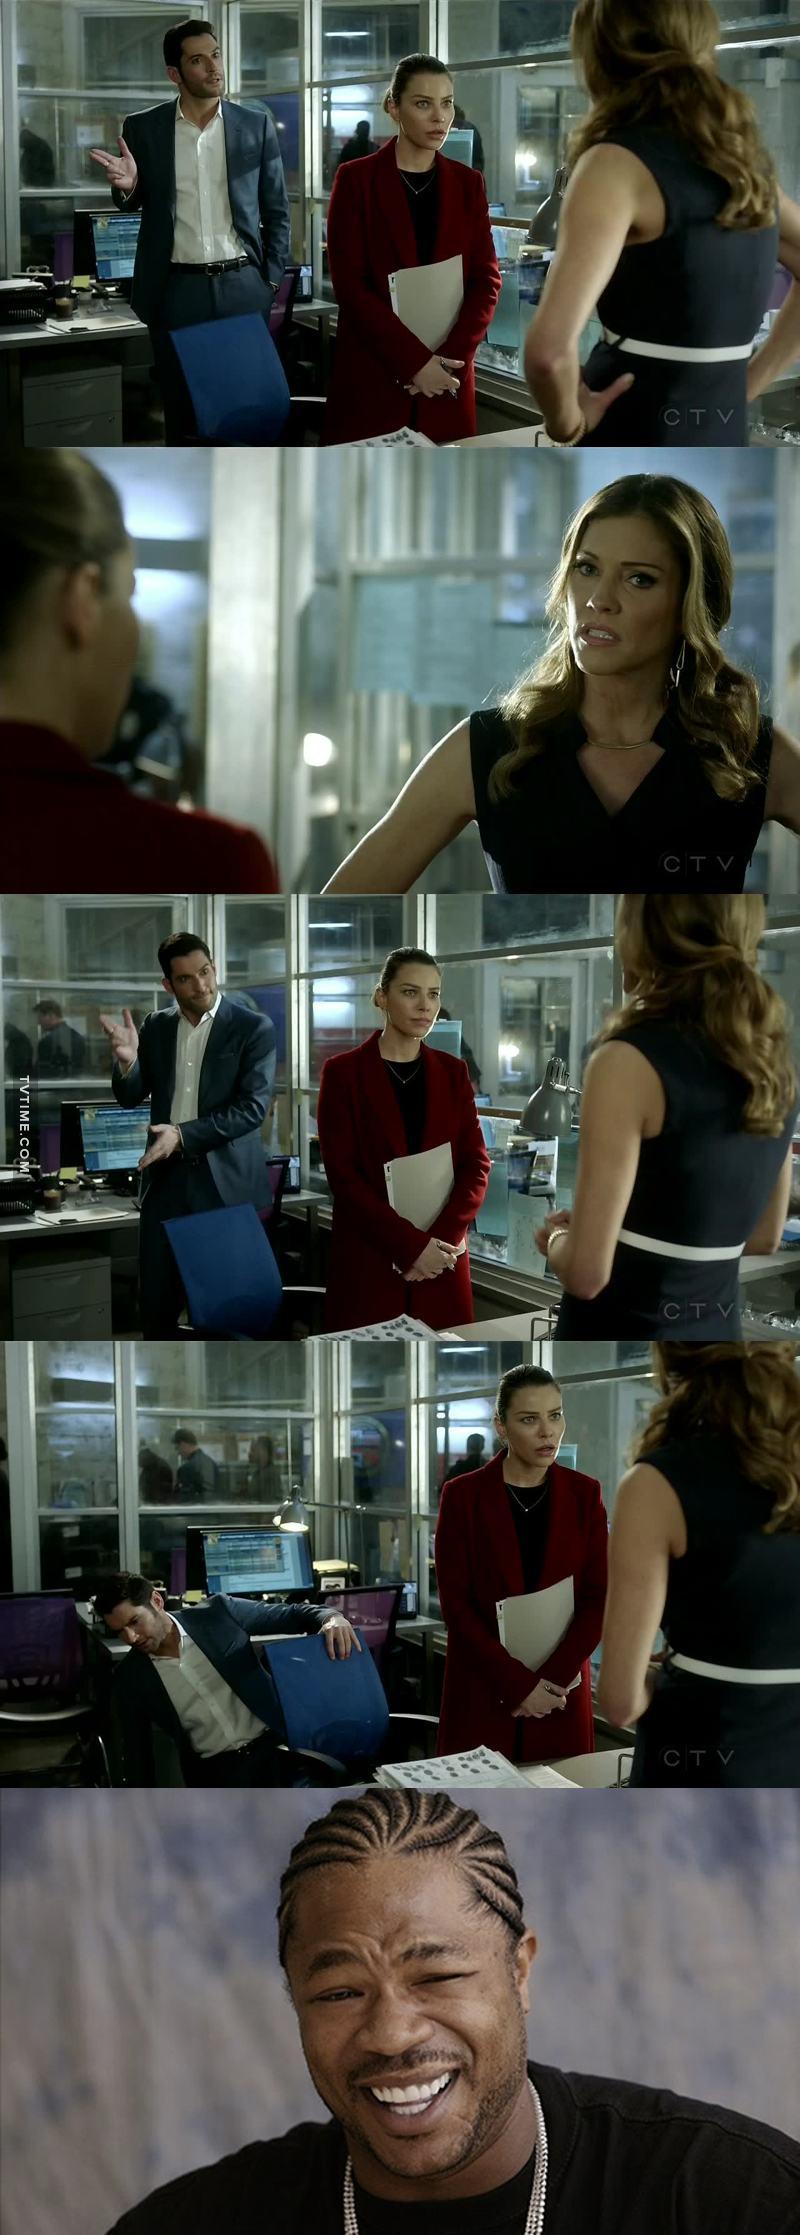 This scene 😂😂😂